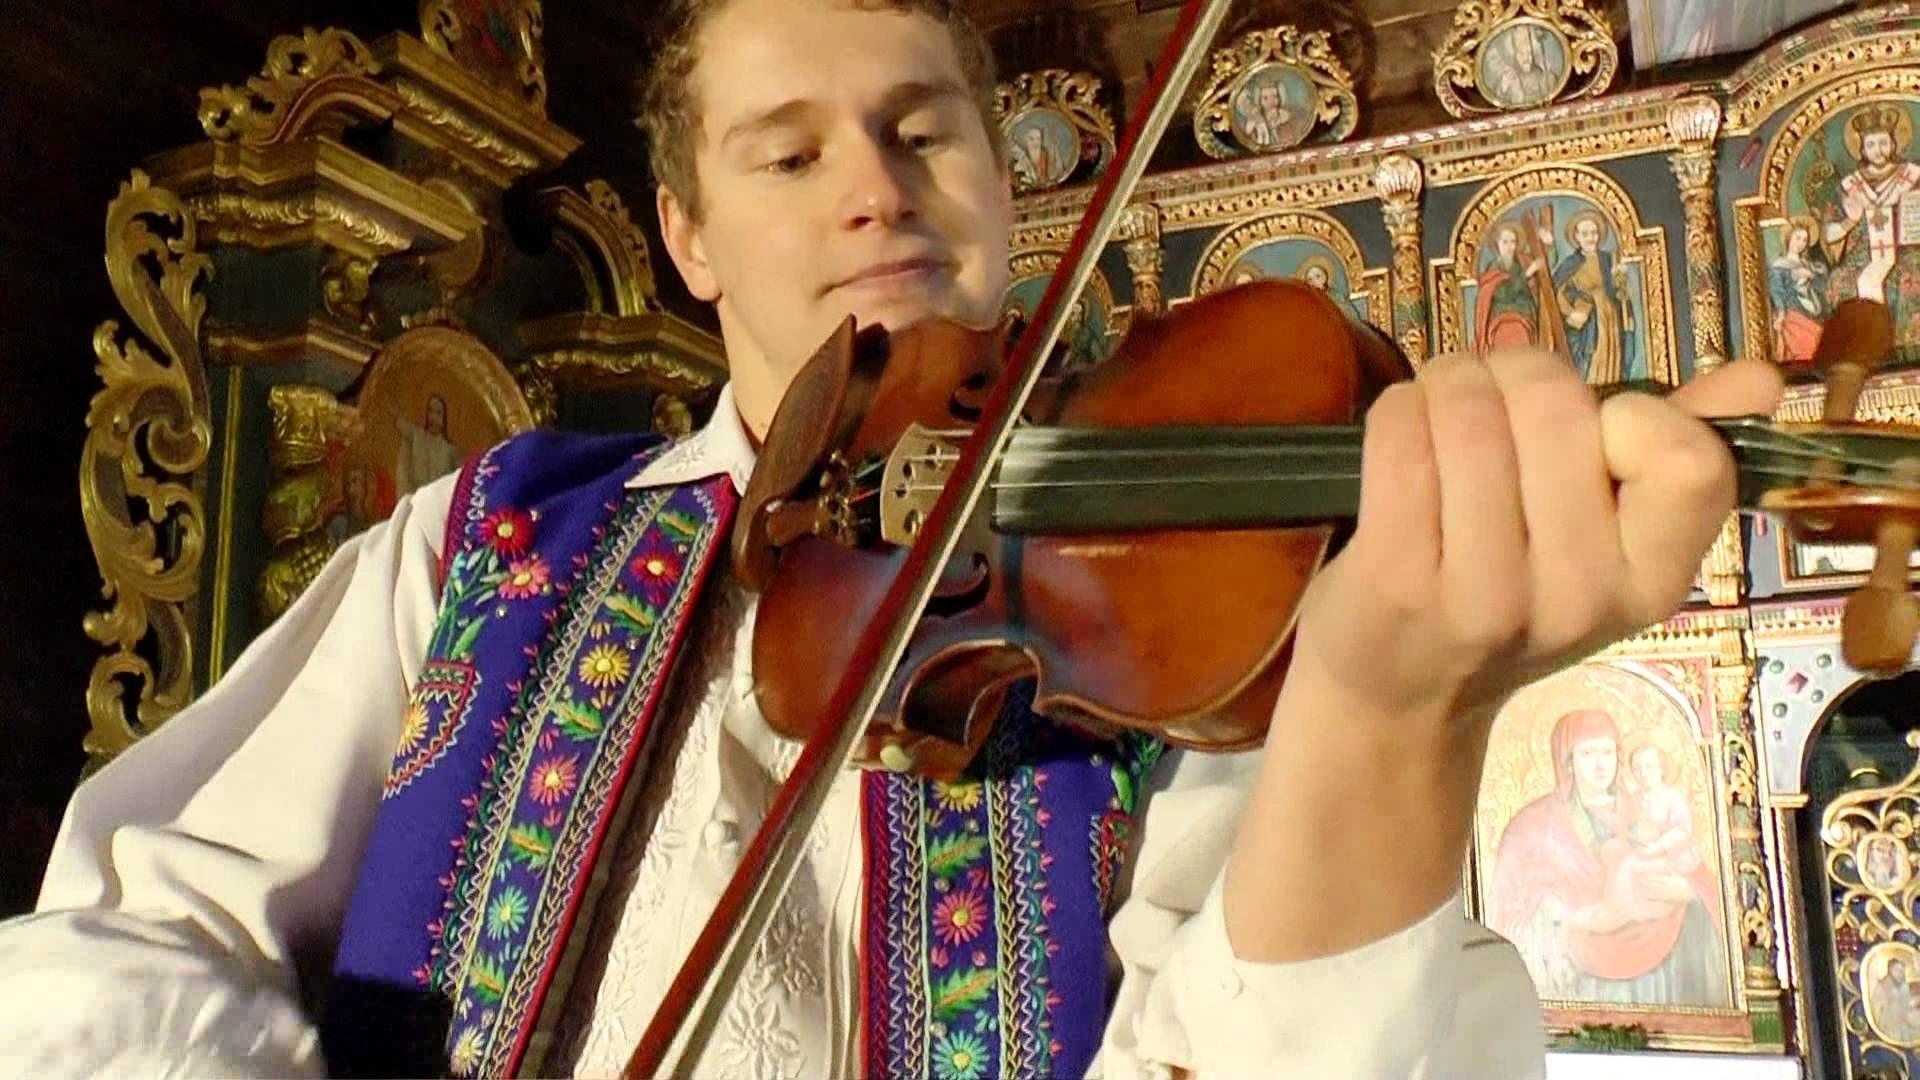 POĎME VŠETCI - VIANOCE S KOLLÁROVCAMI (11/2012) - KOLLÁROVCI